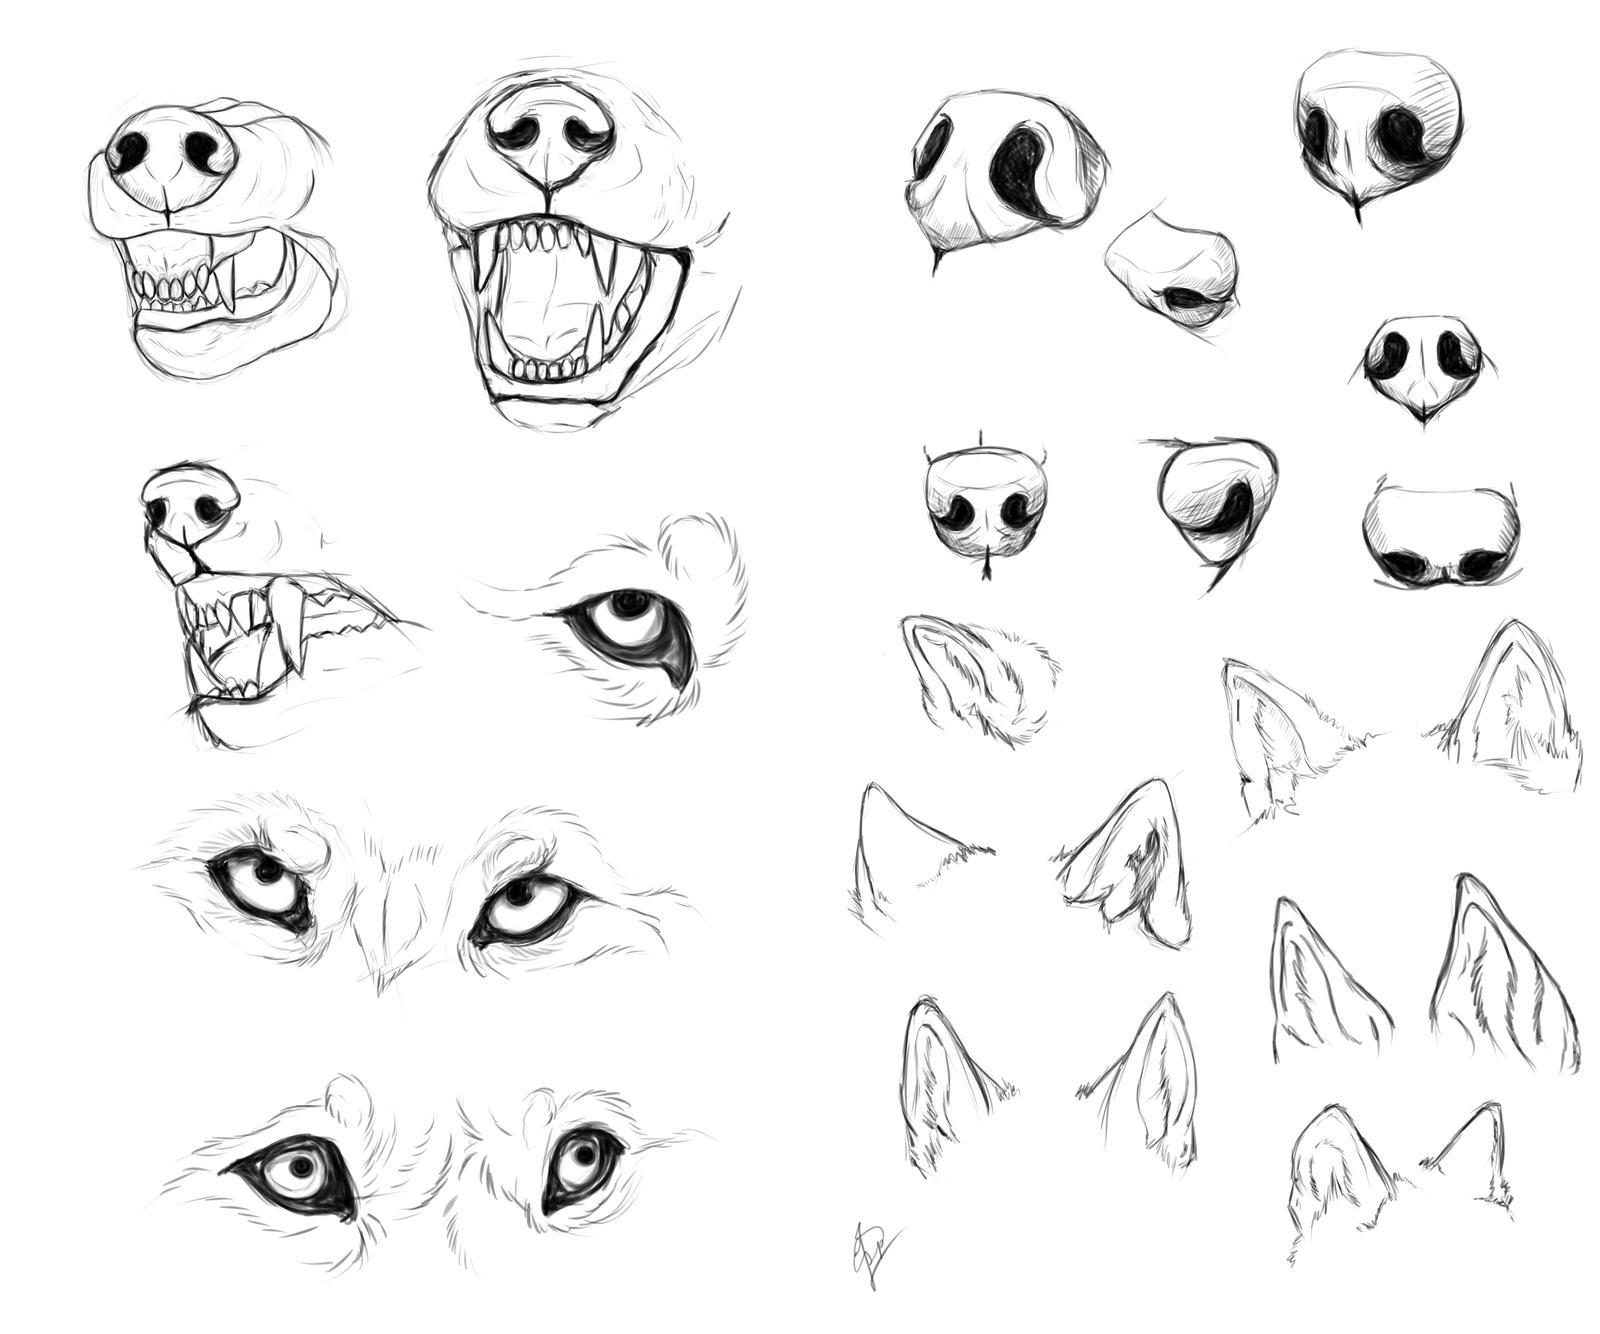 Wolf anatomy study by